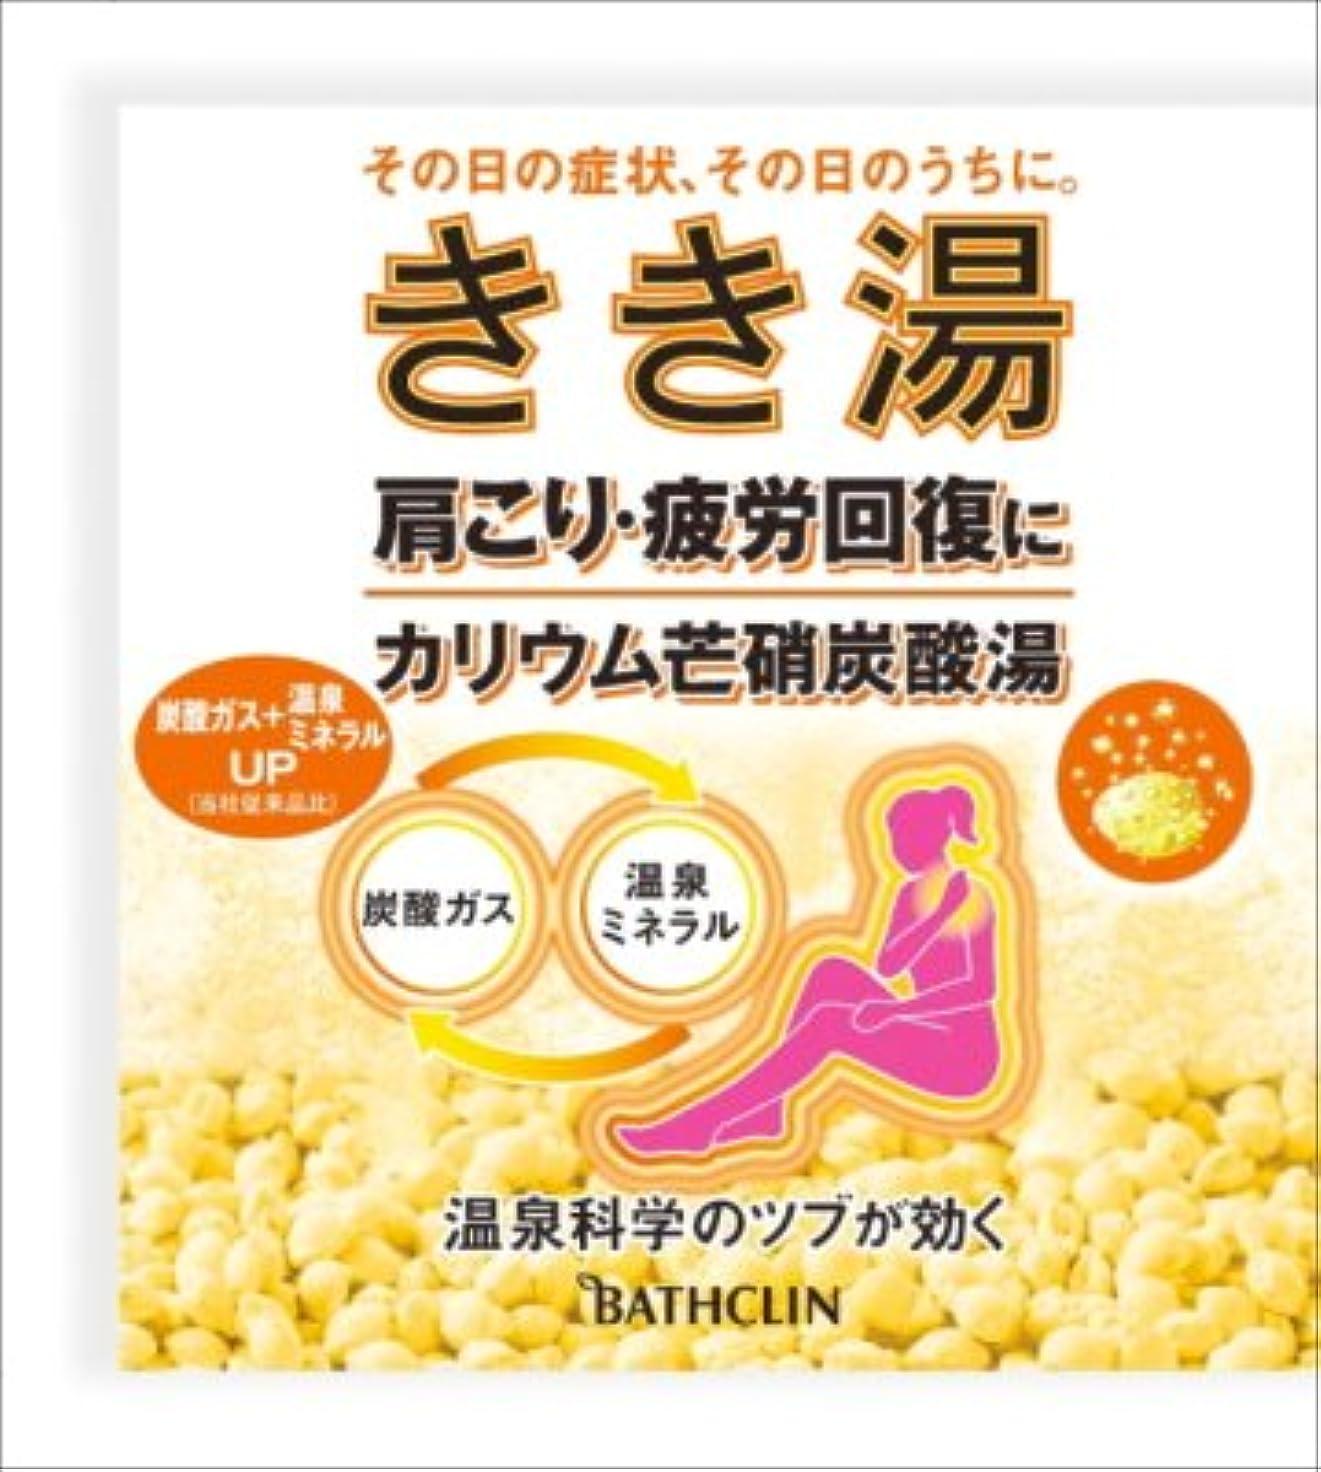 周囲修正合成バスクリン きき湯 カリウム芒硝炭酸湯 30g(入浴剤)×120個セット